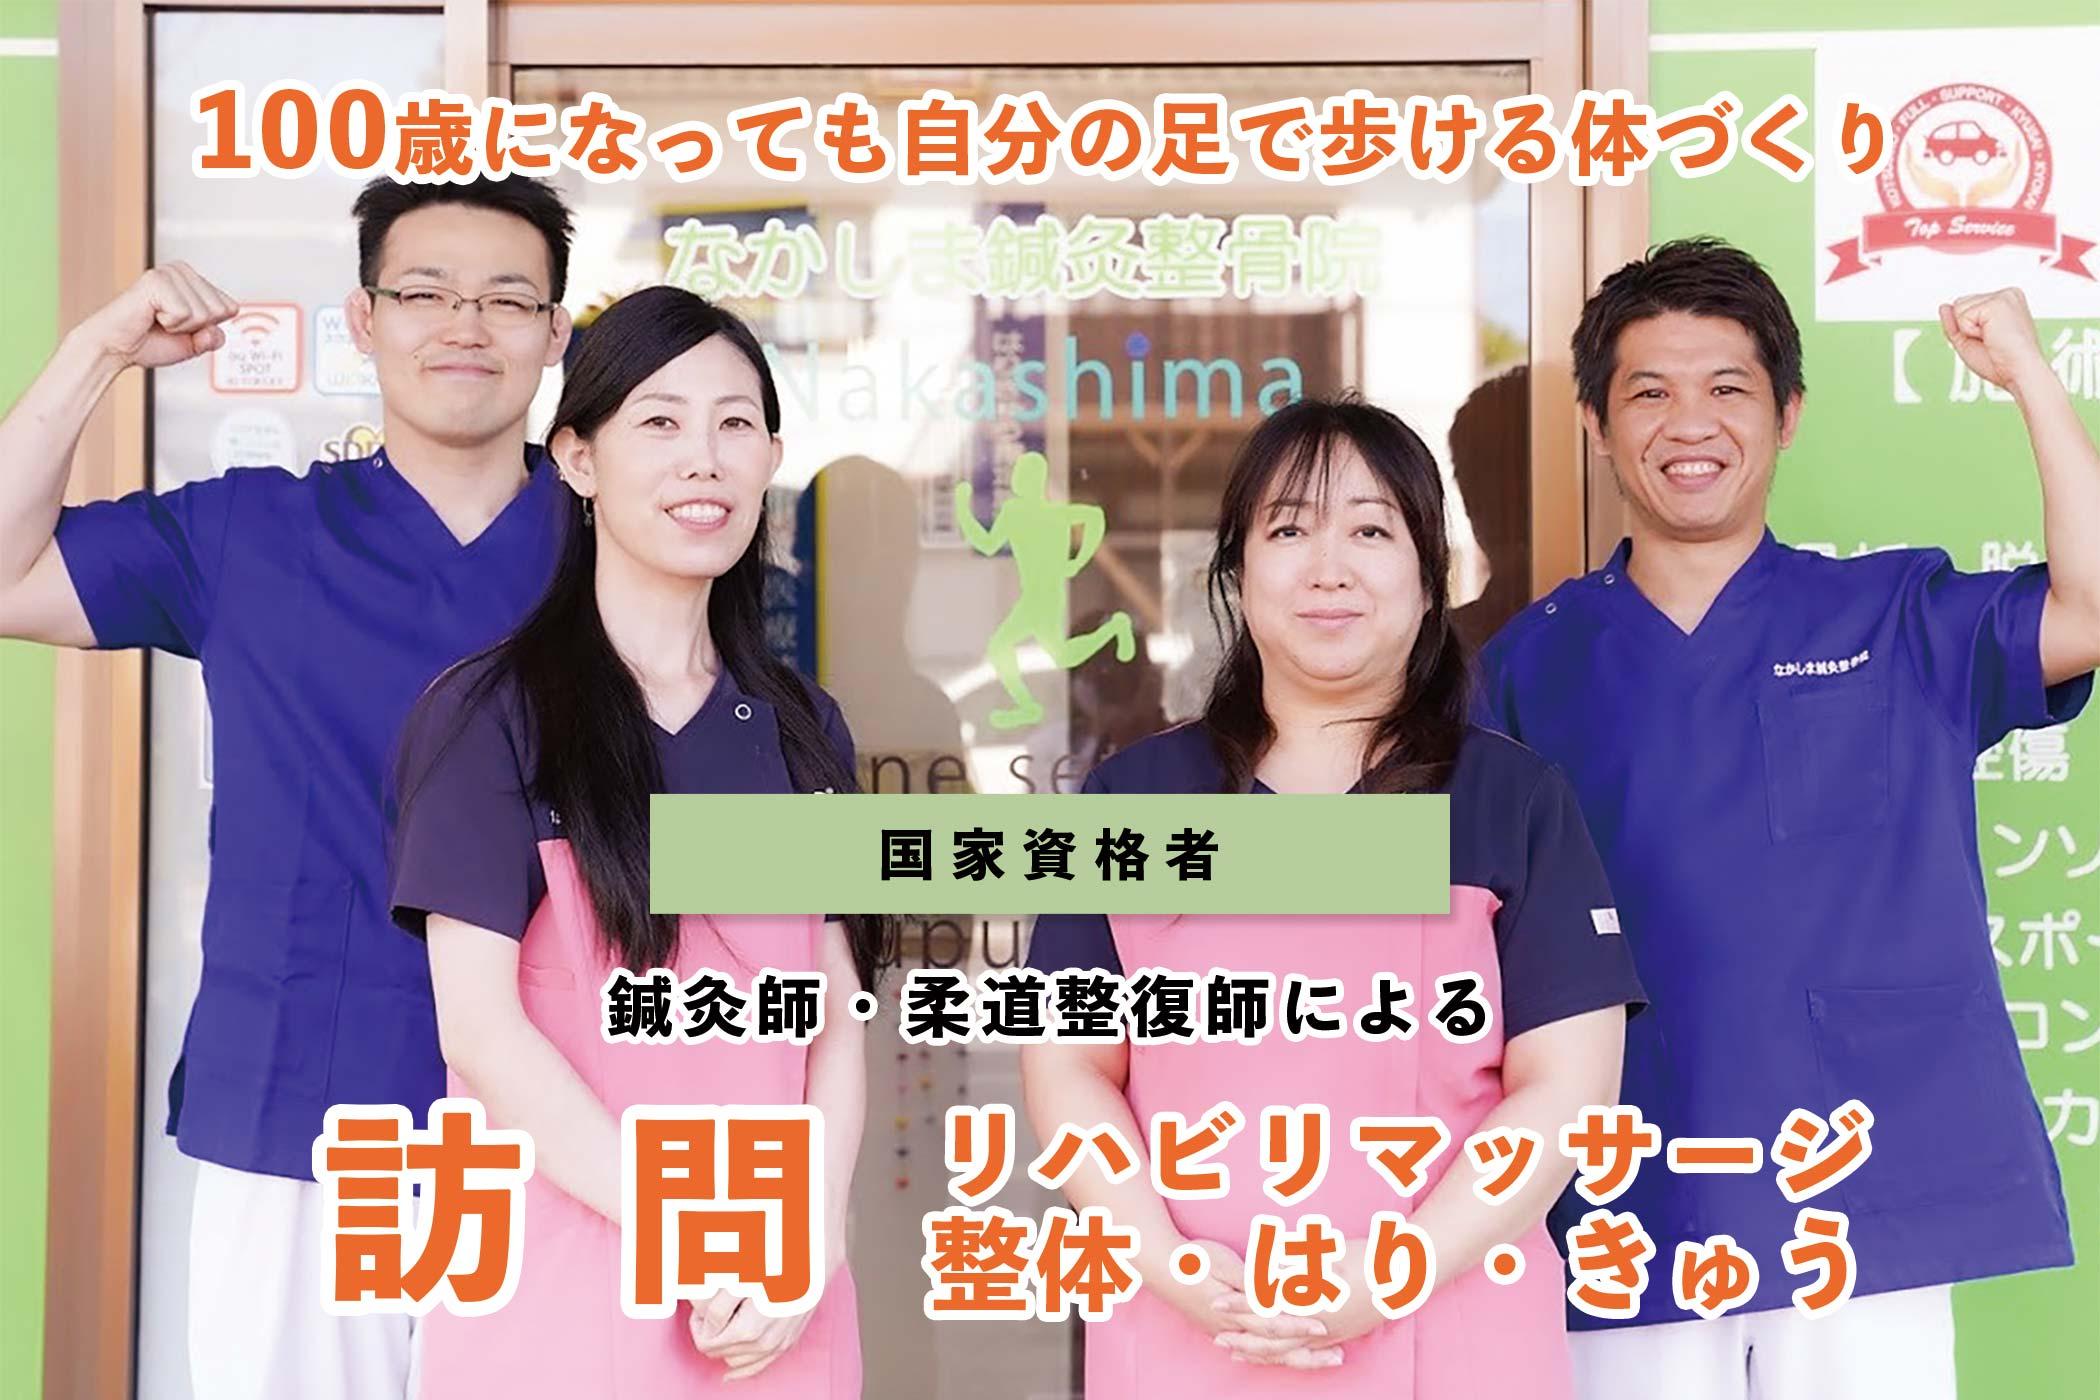 なかしま鍼灸整骨院 訪問リハビリマッサージ